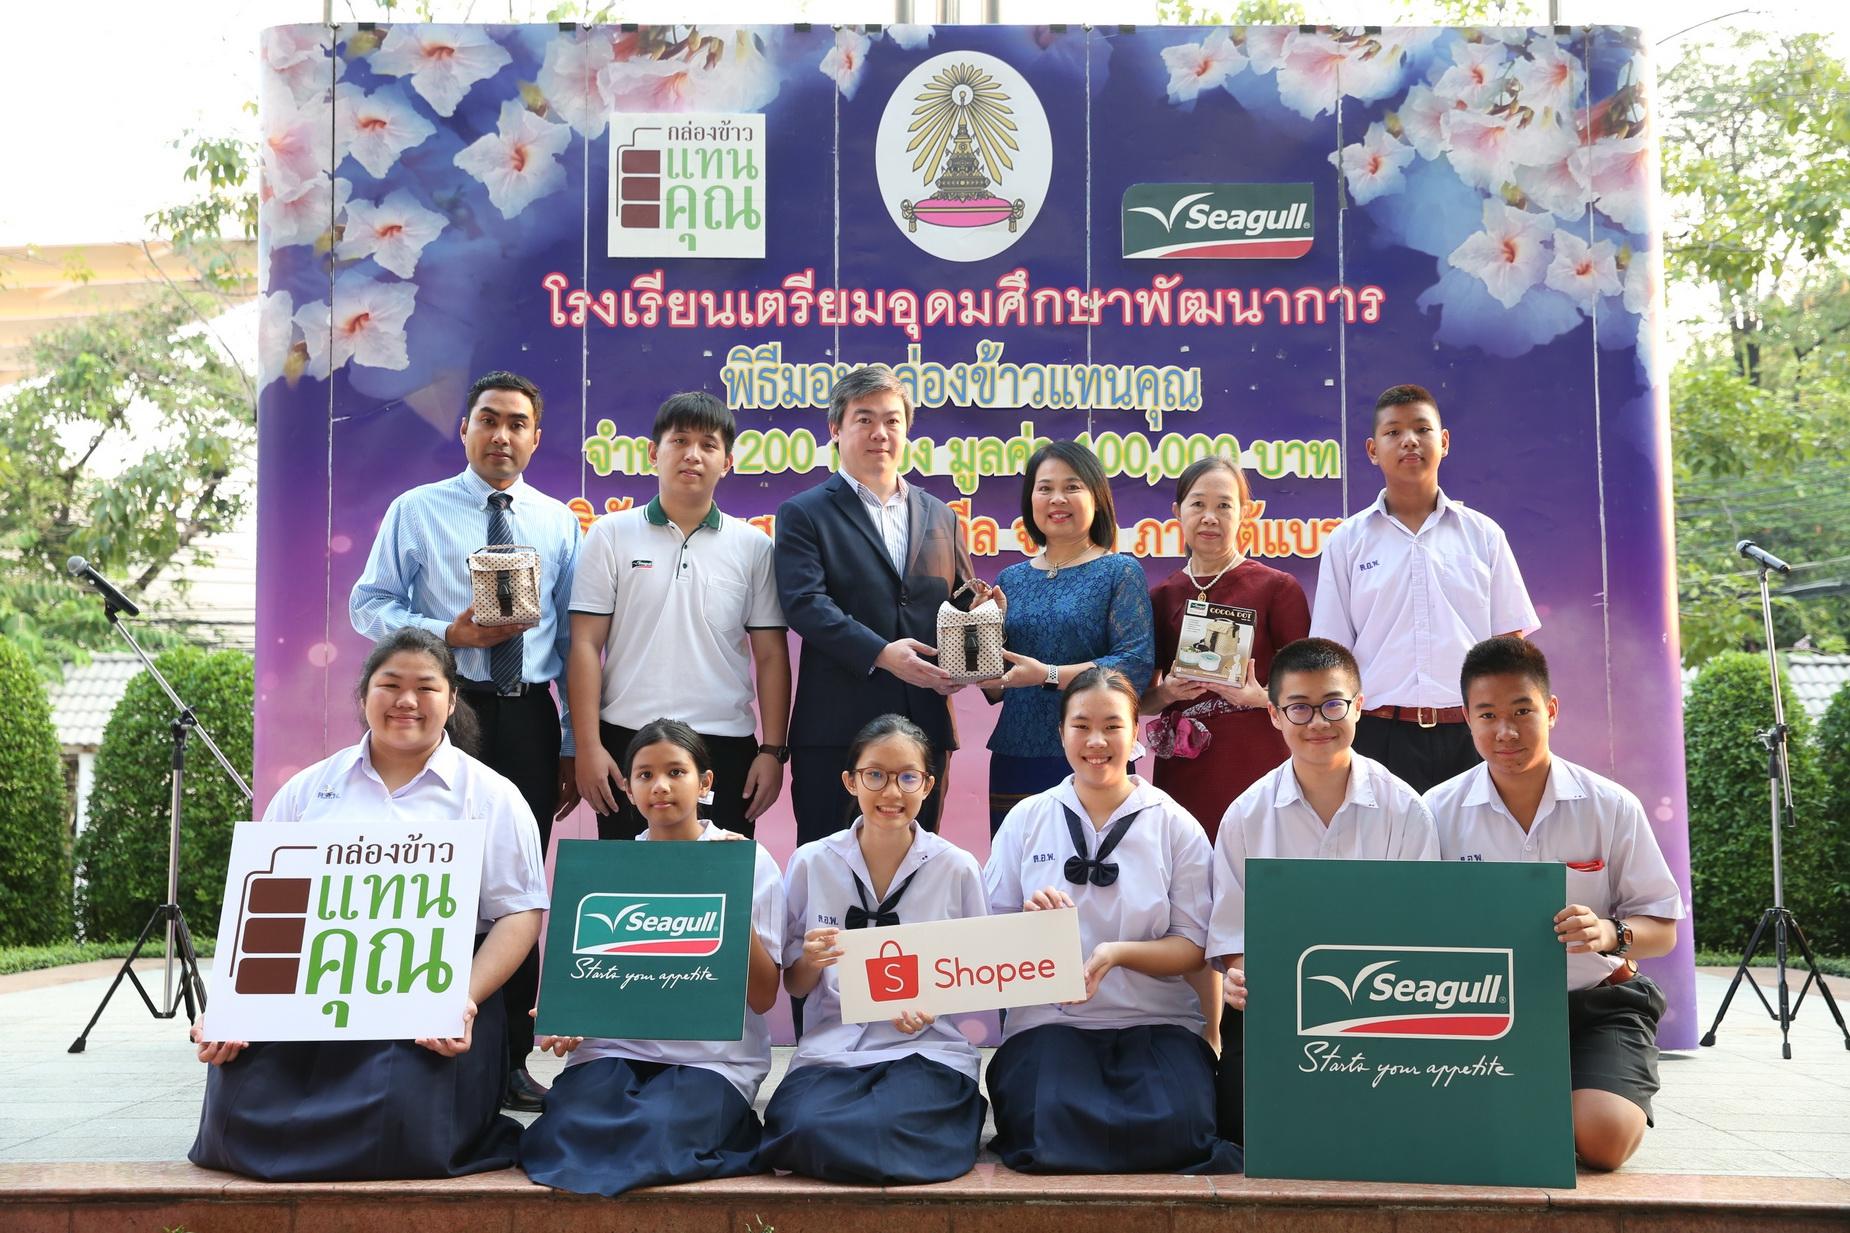 ซีกัล รณรงค์ลดโลกร้อน ชวนเยาวชนไทยใช้กล่องข้าวลดพลาสติกและโฟม